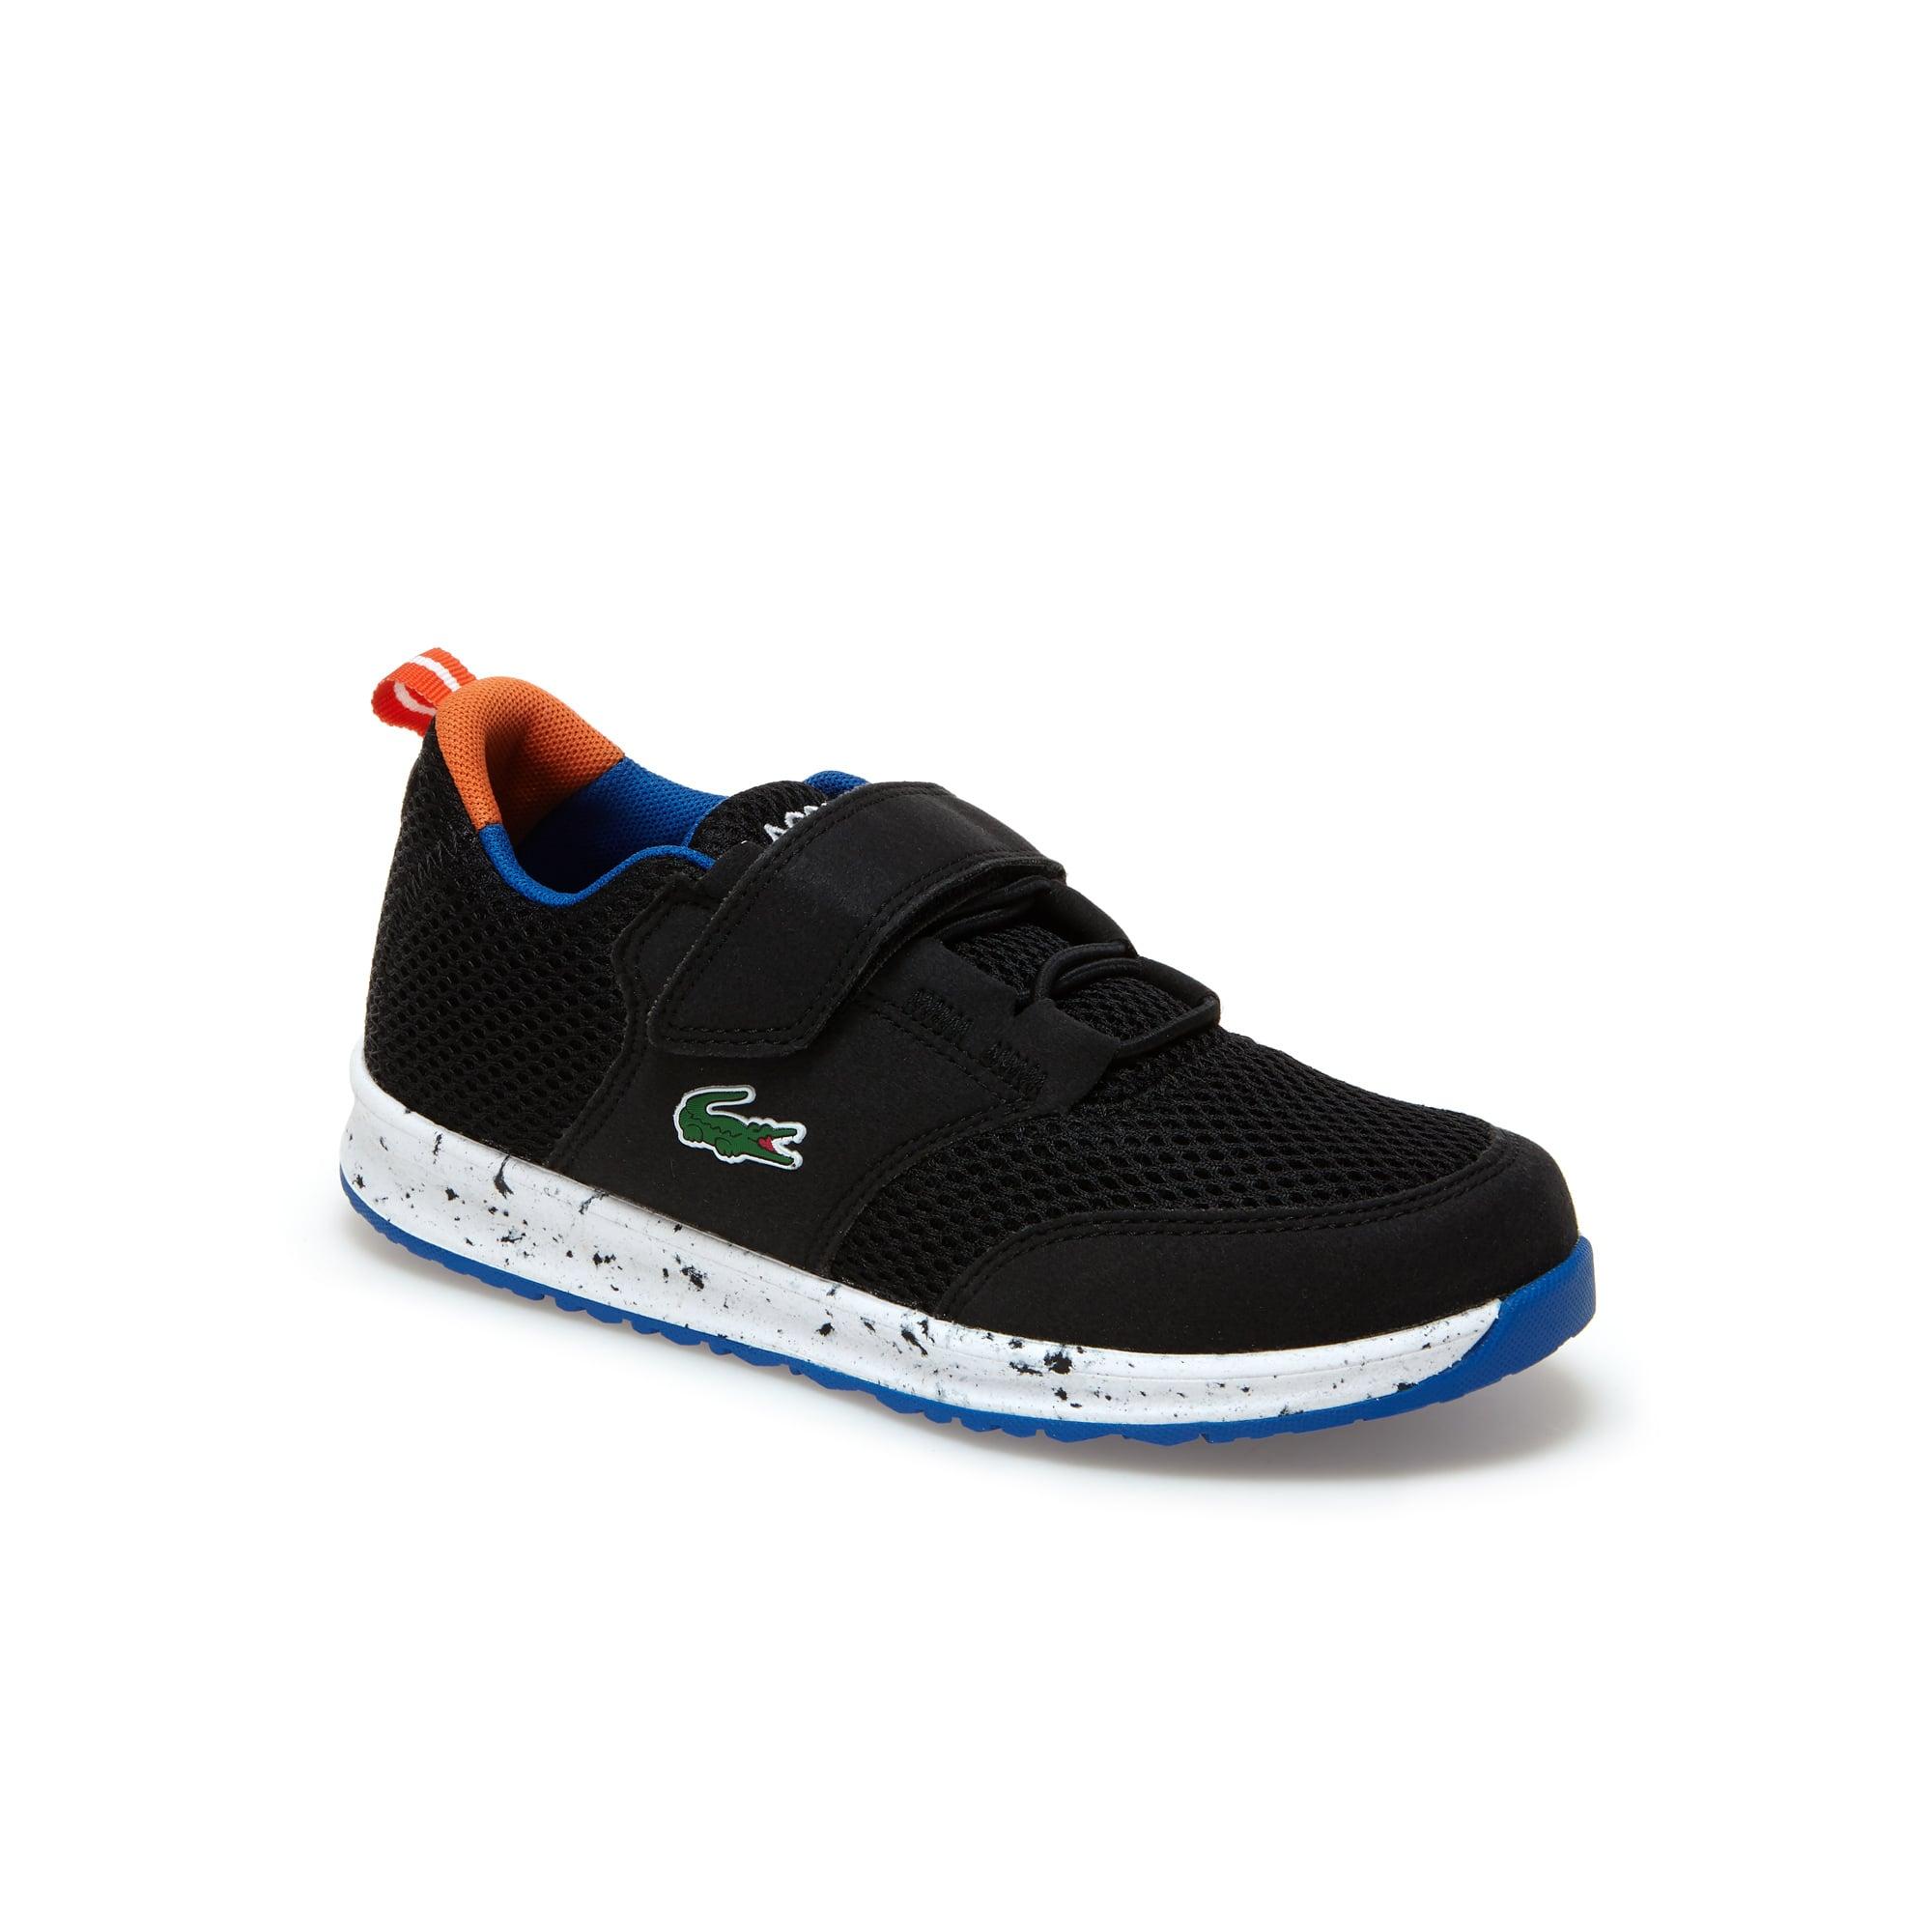 Sneakers Enfant L.ight en textile et revêtement type suédé